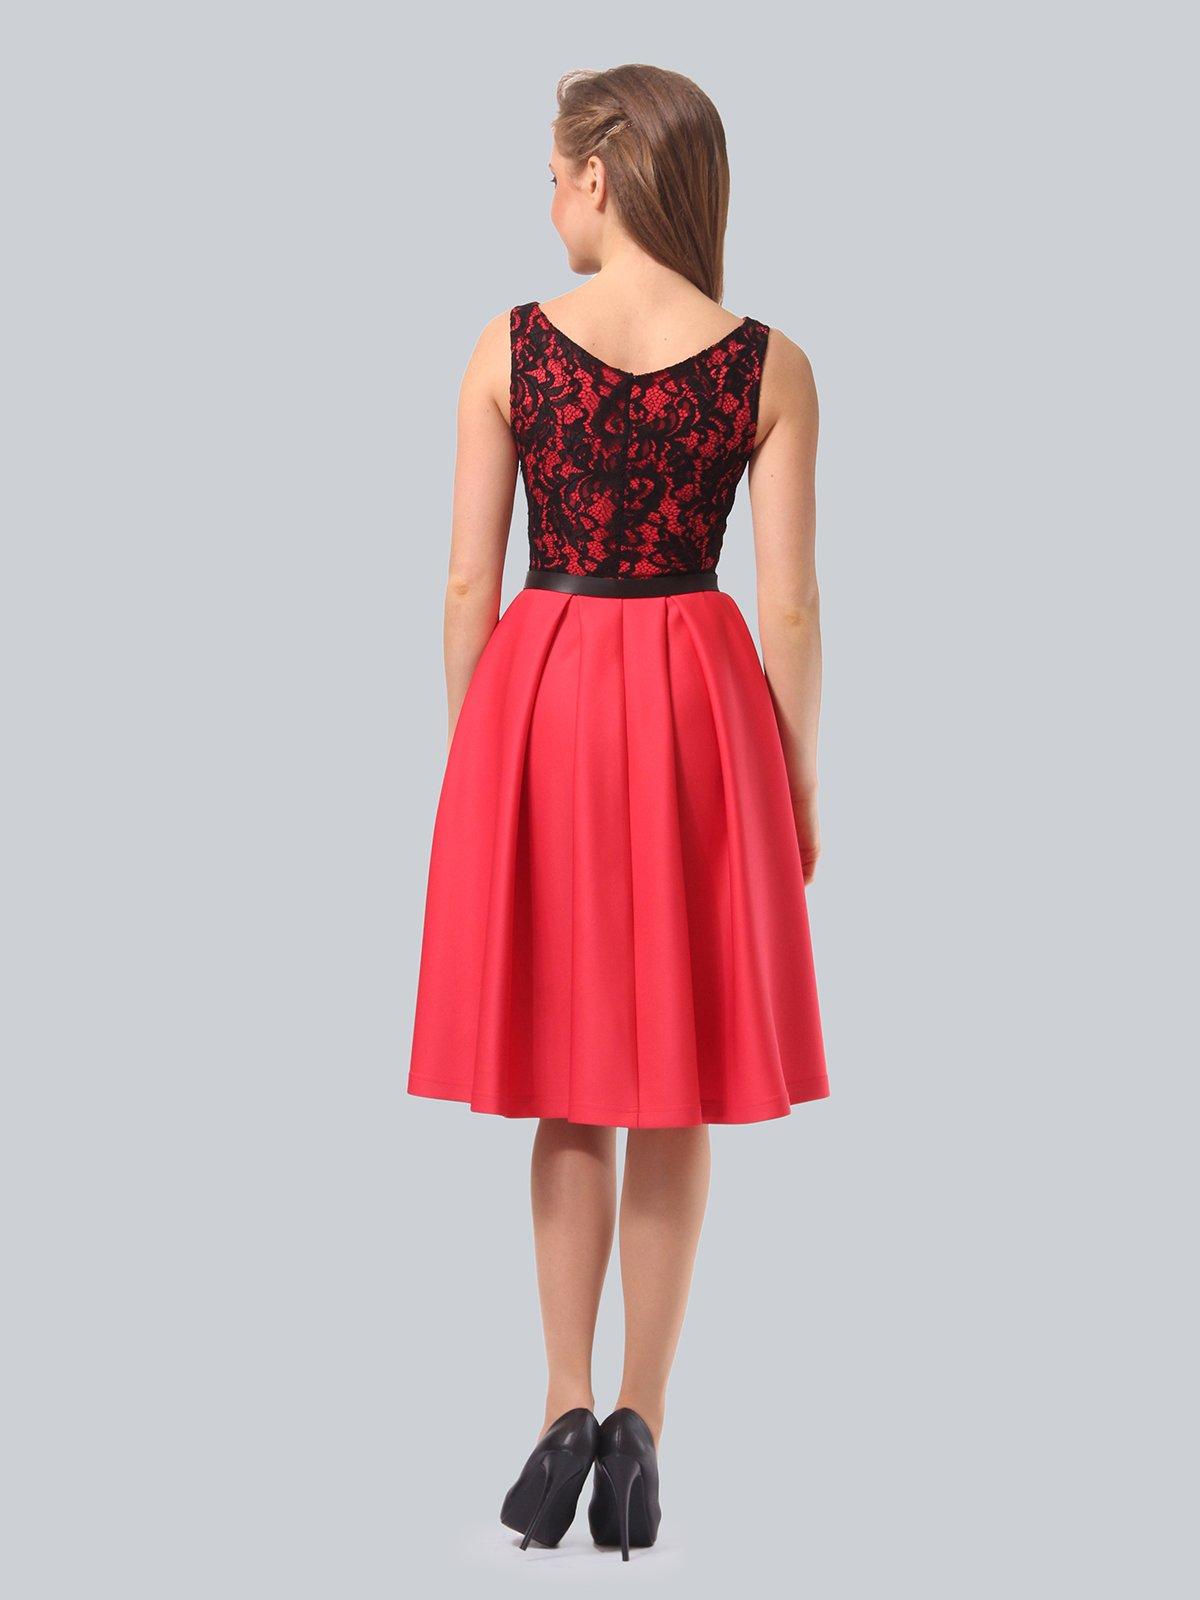 Платье кораллово-черное   3863268   фото 7